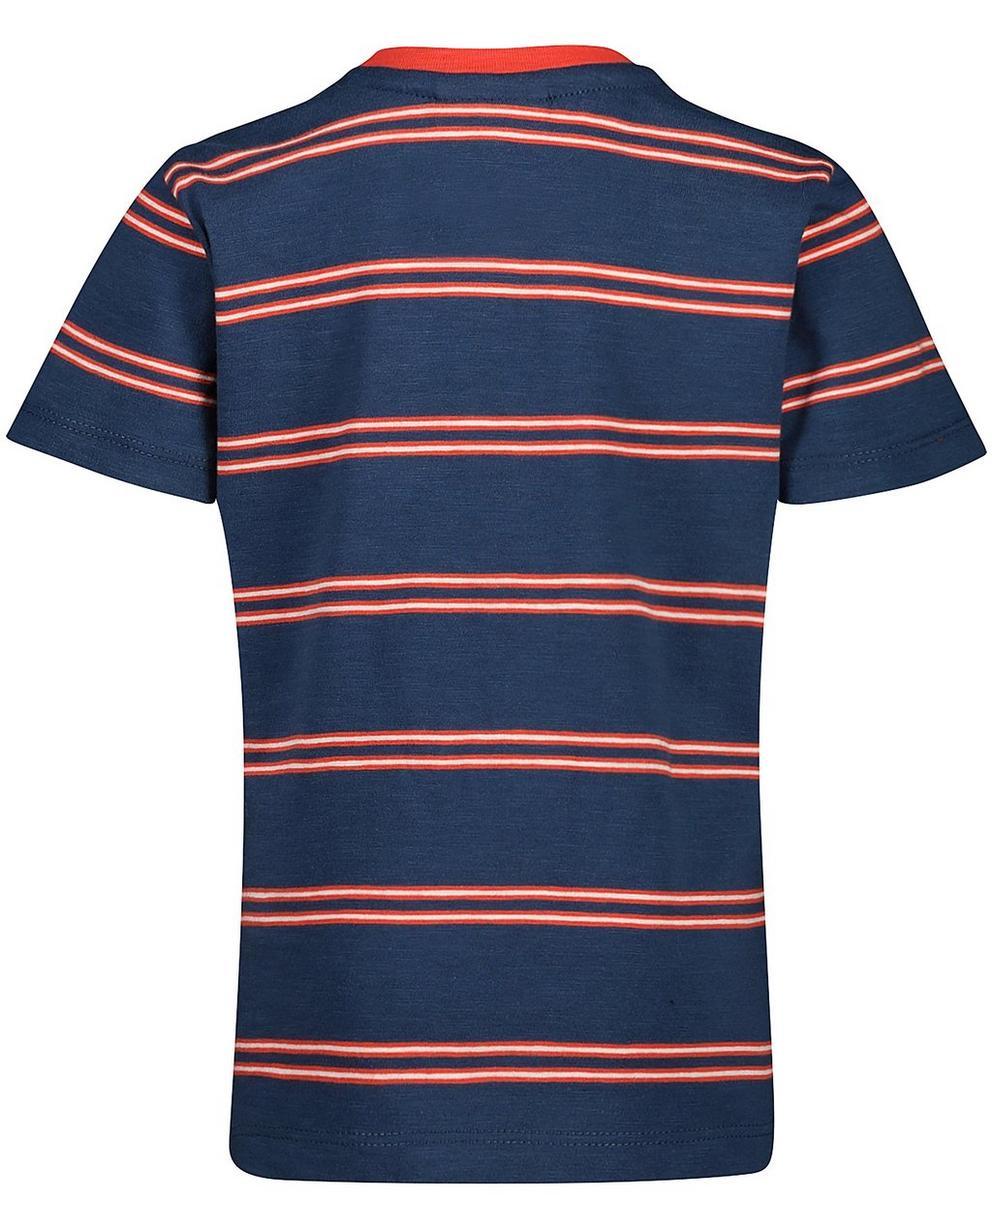 T-Shirts - Navy - Gestreiftes T-Shirt mit Brusttasche